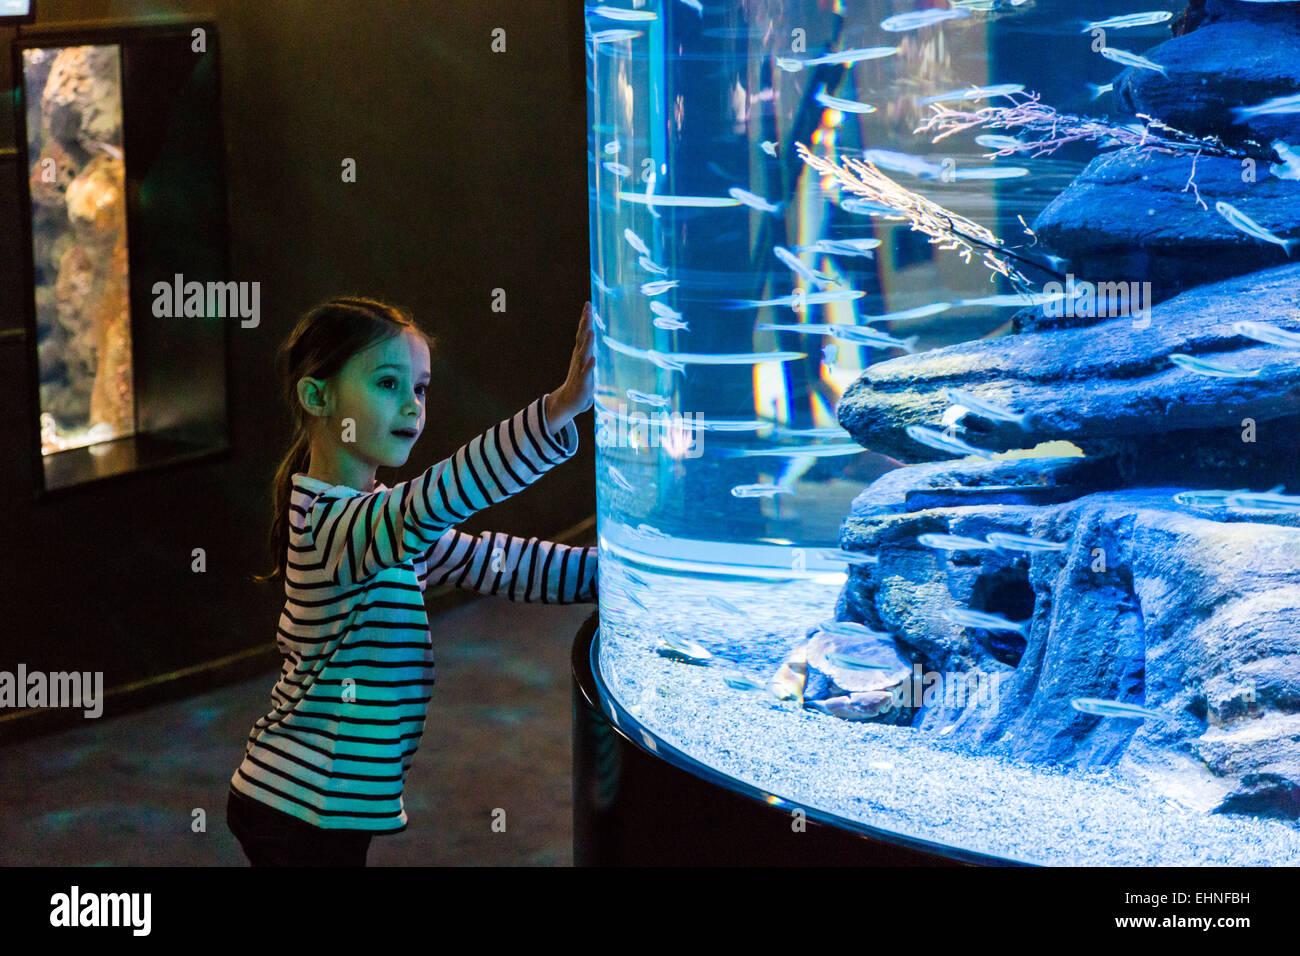 7 ans à regarder les poissons dans un aquarium. Photo Stock